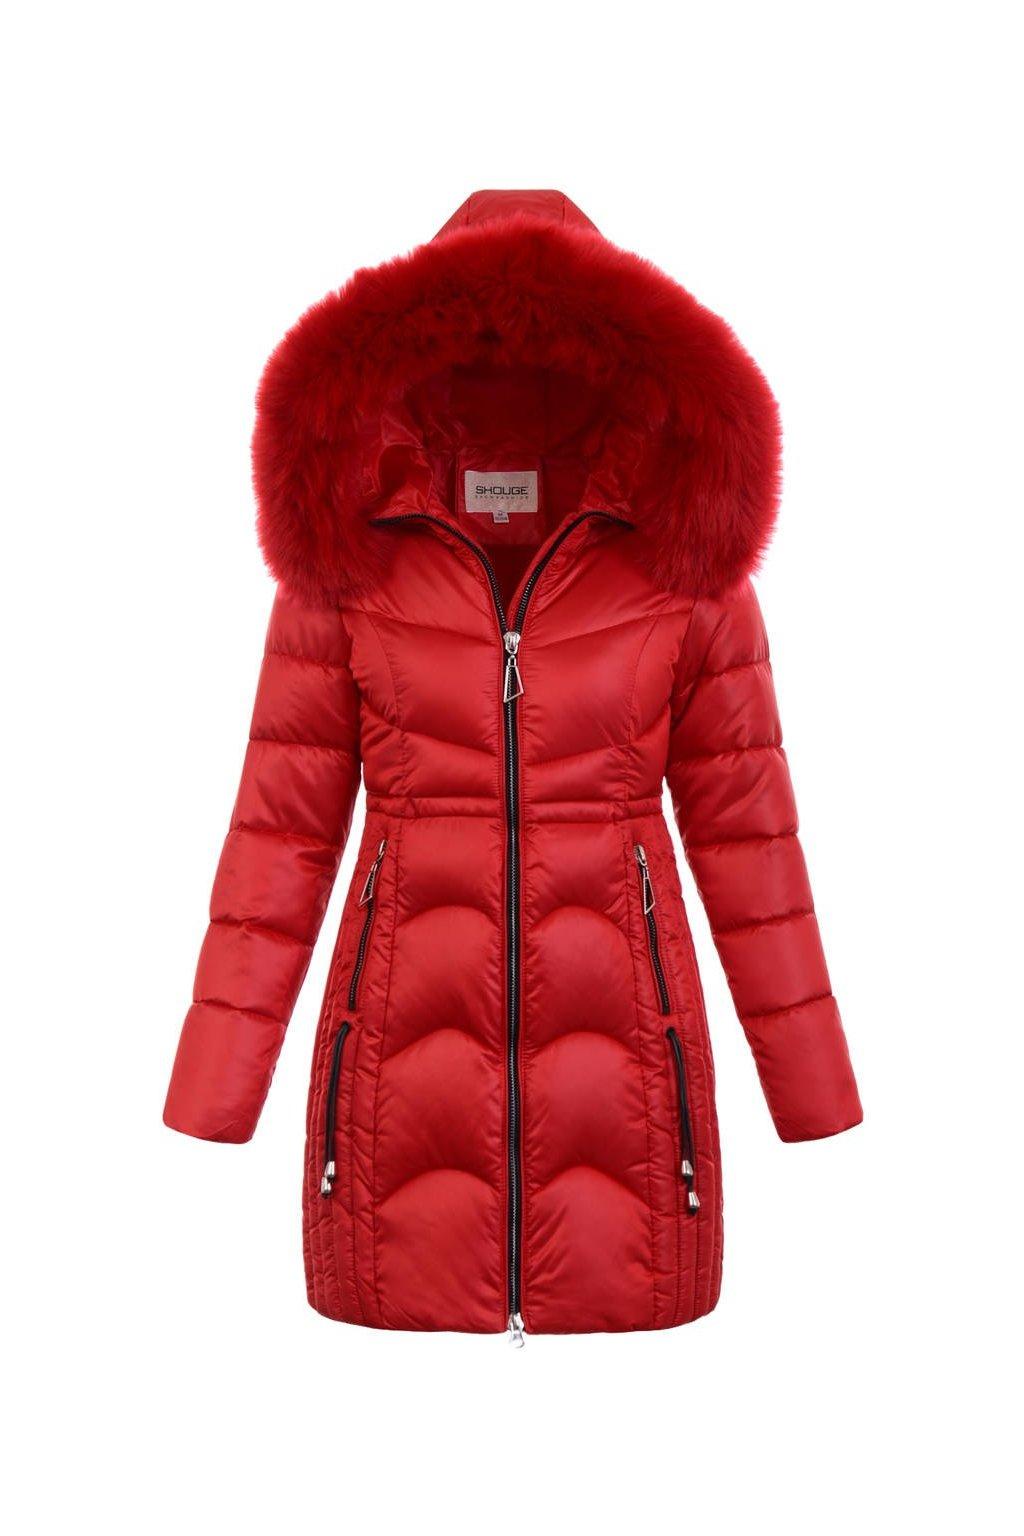 Dámska zimná bunda s kapucňou 5179 červená